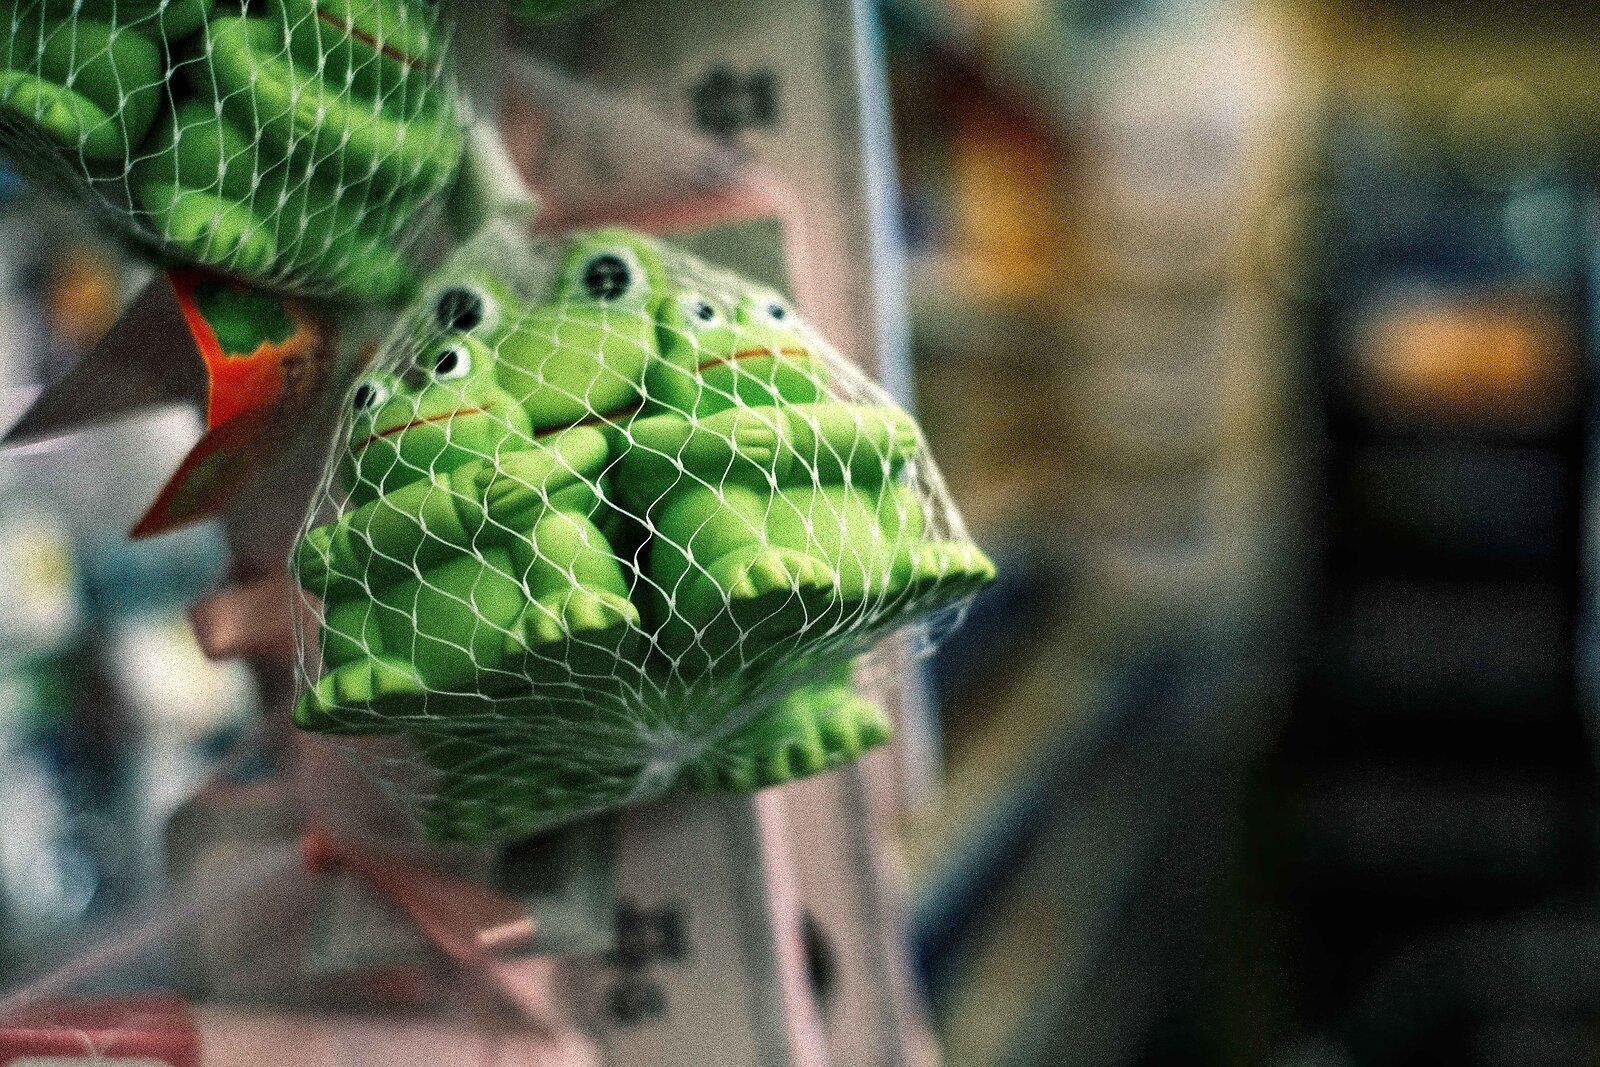 XPro3_July11_21_supermarket_frogs.jpg